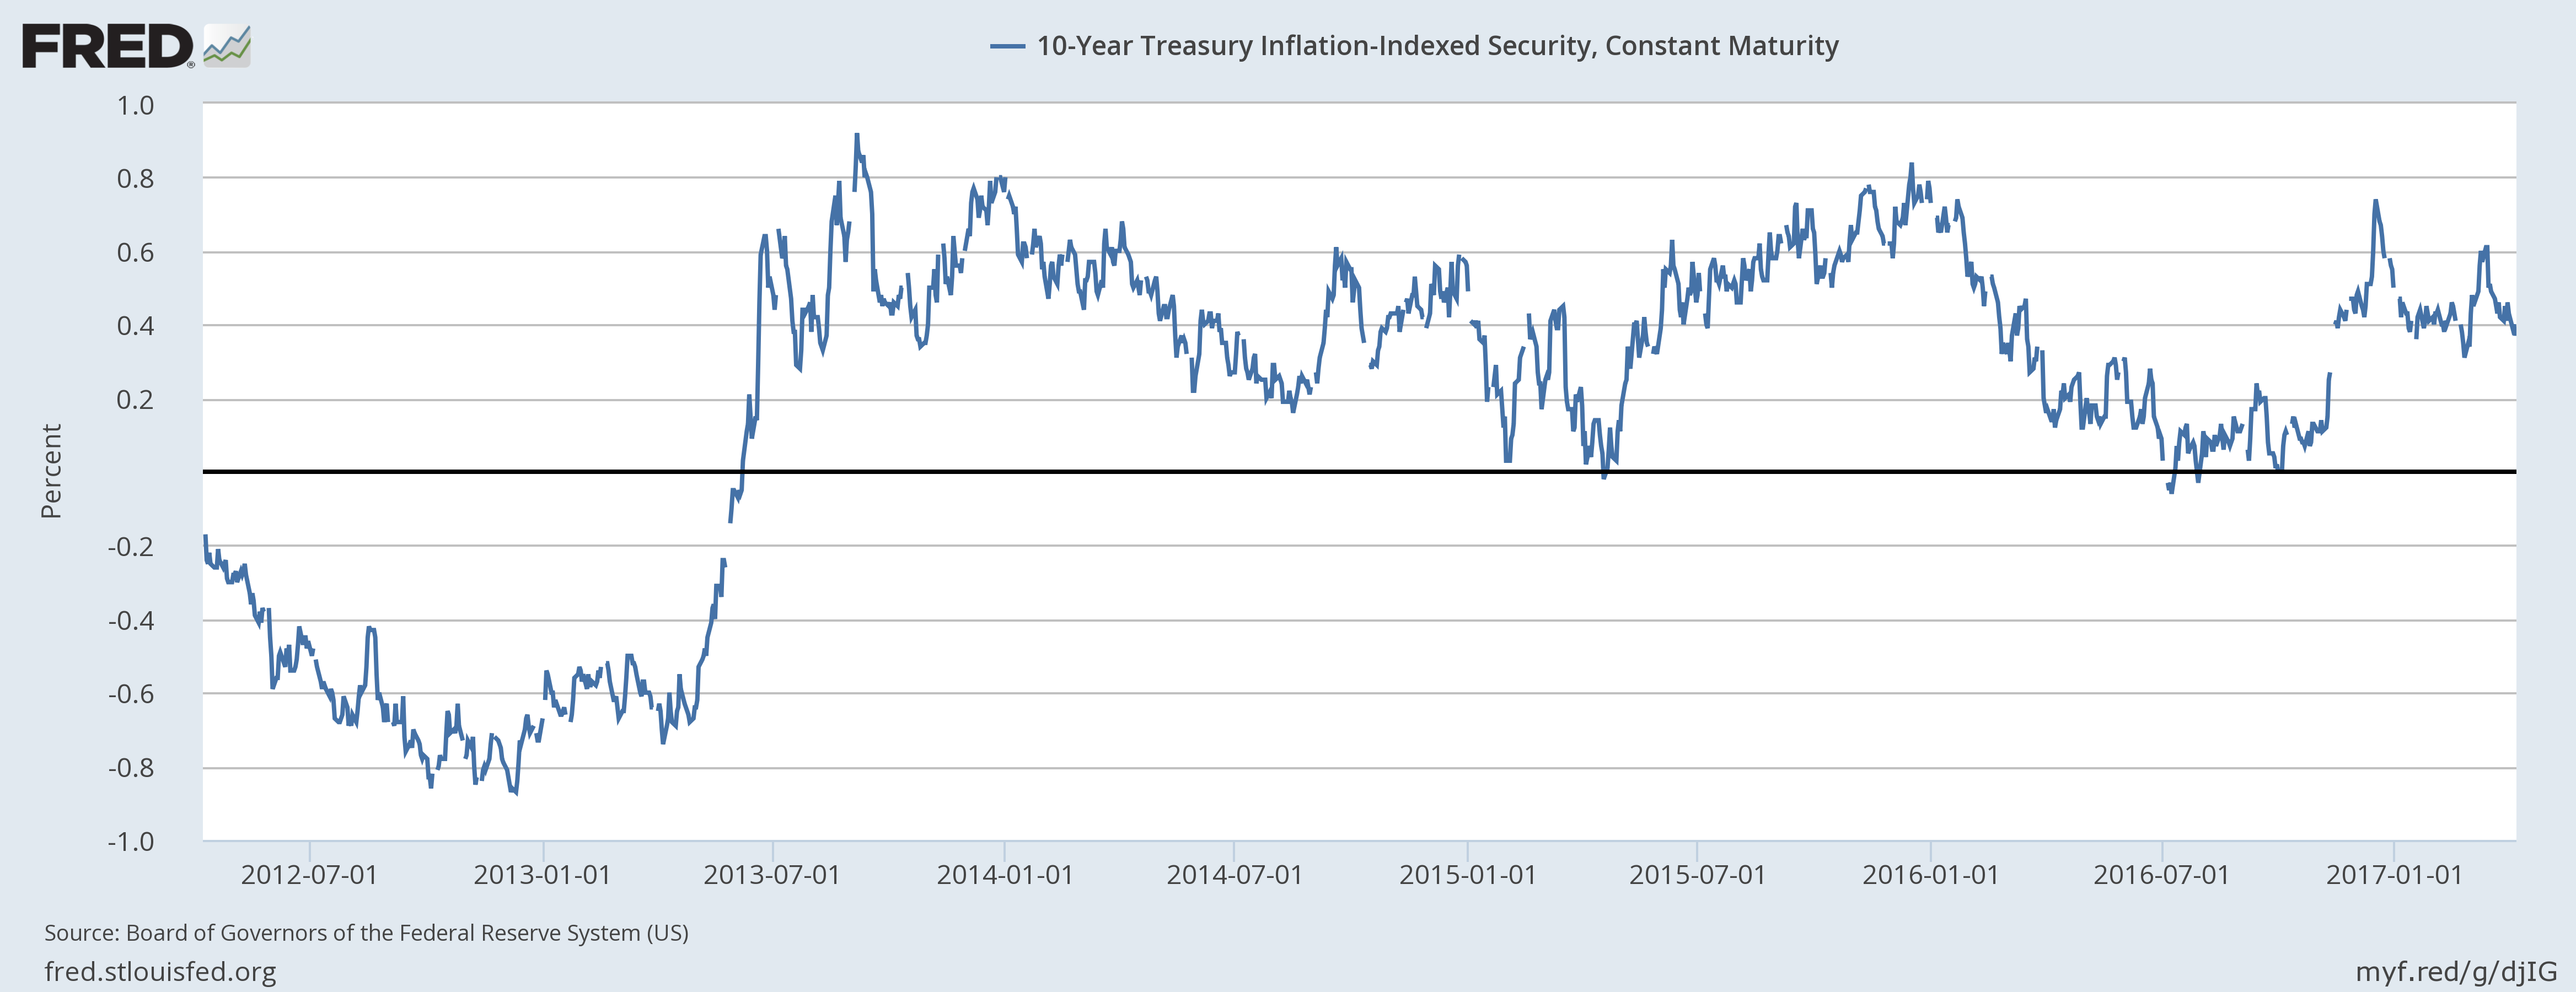 US Treasuries, July 2012 - January 2017